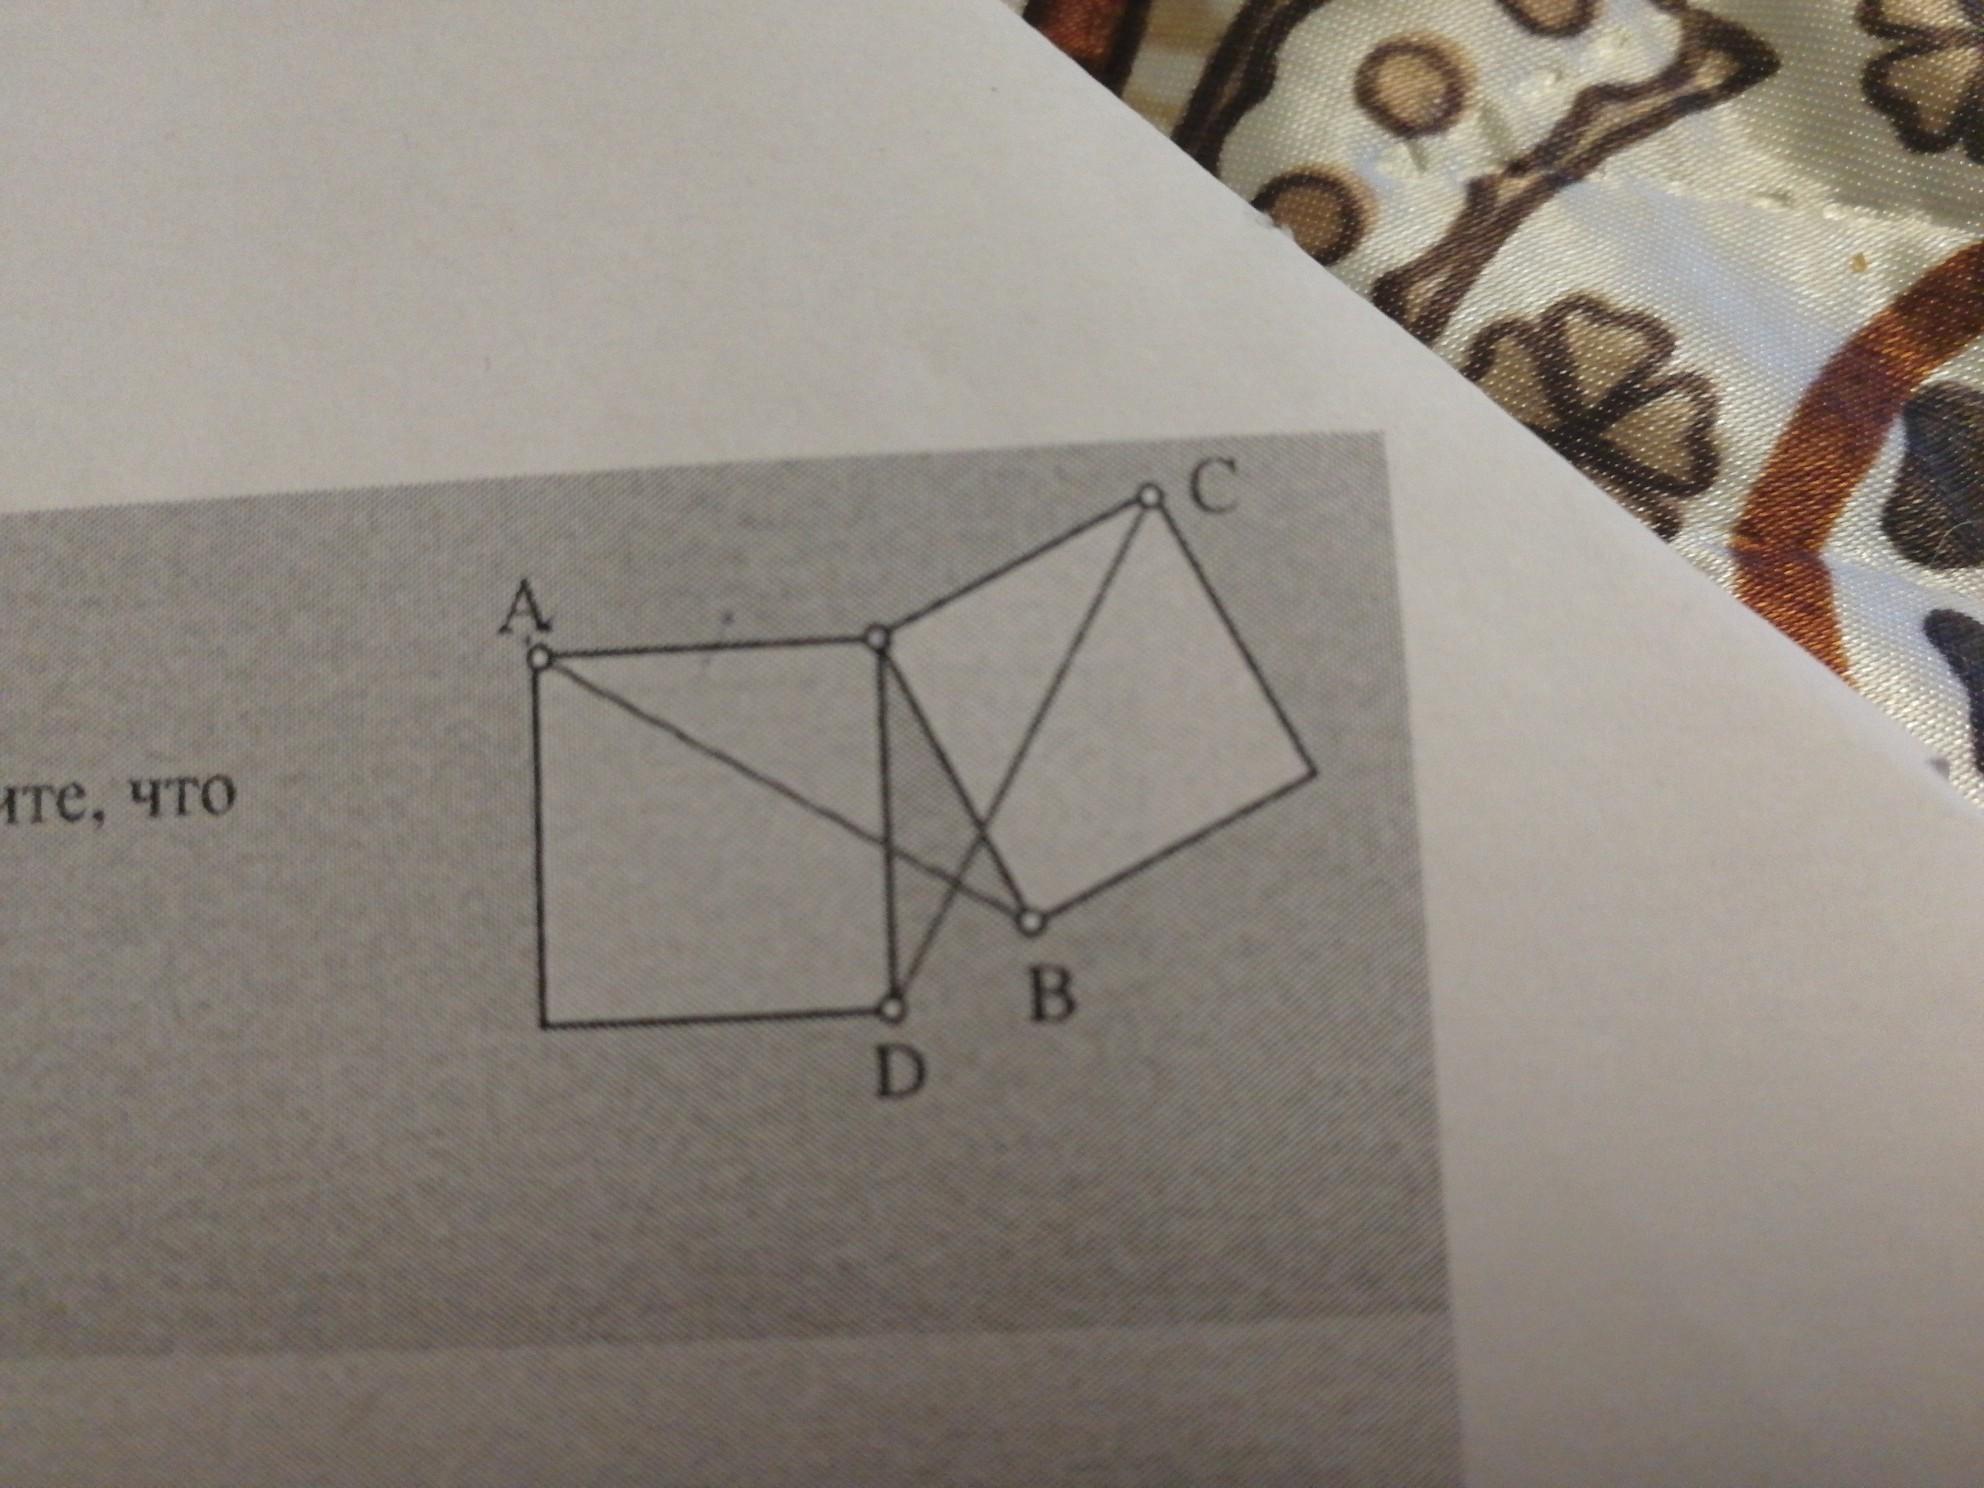 Два квадрата имеют общую вершину. Докажите, что